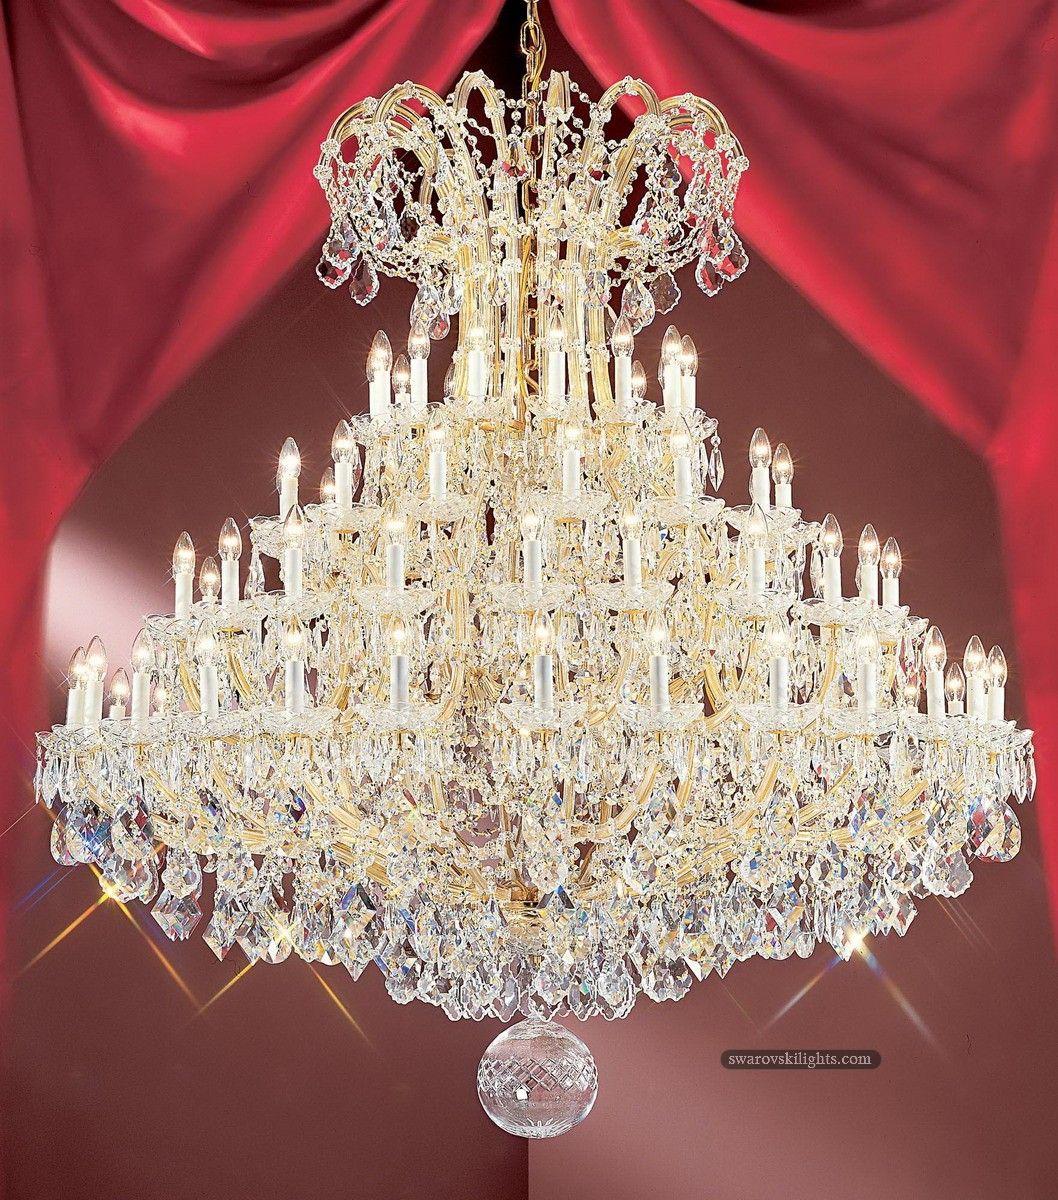 394056Maria Theresa ChandeliersZhongshan Sunwe Lighting CoLtd We